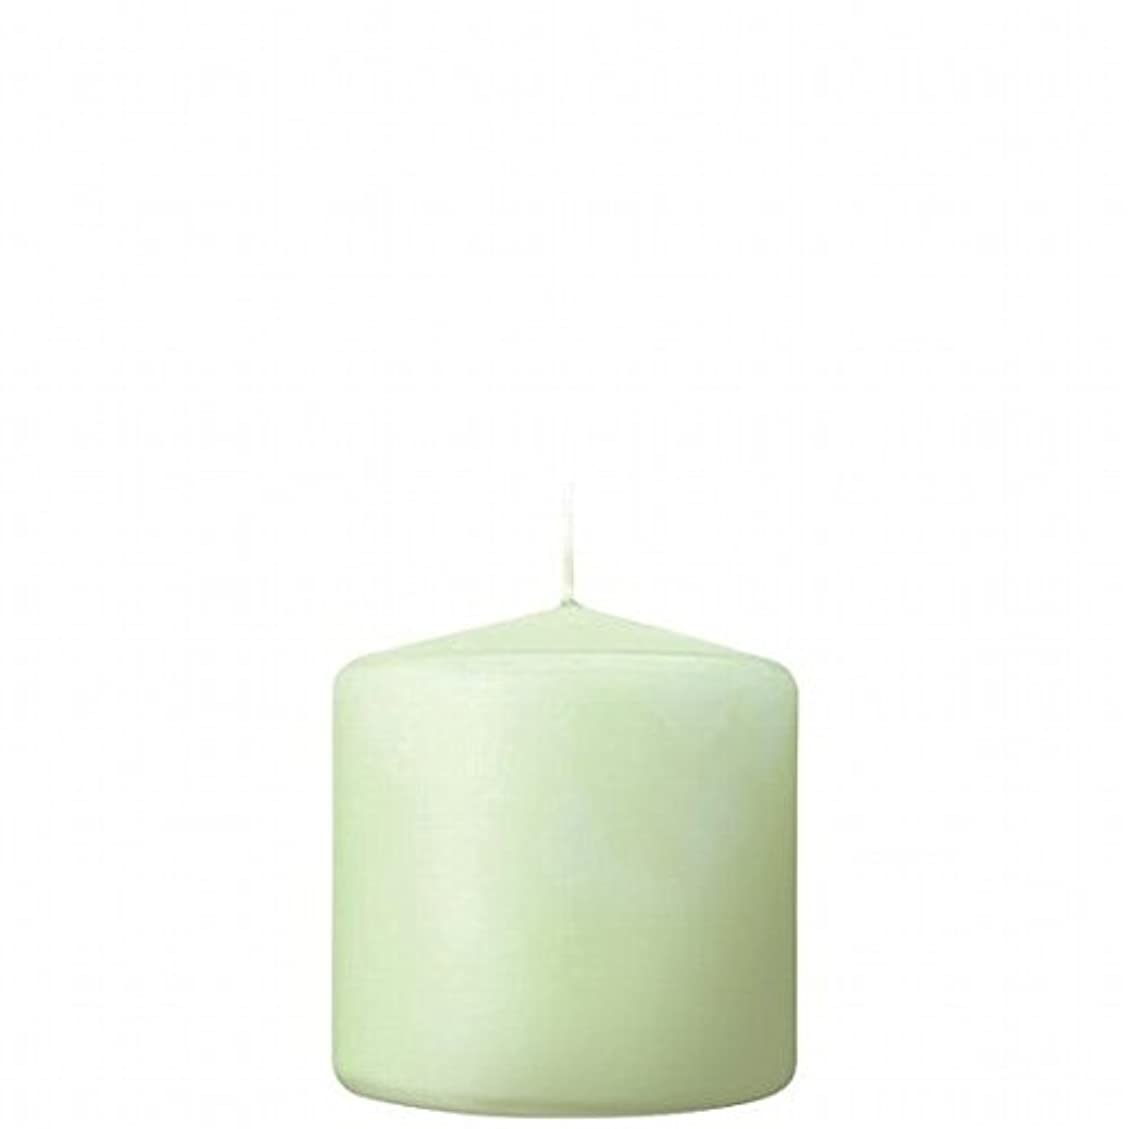 ドームアンビエント銀kameyama candle(カメヤマキャンドル) 3×3ベルトップピラーキャンドル 「 ホワイトグリーン 」(A9730000WG)